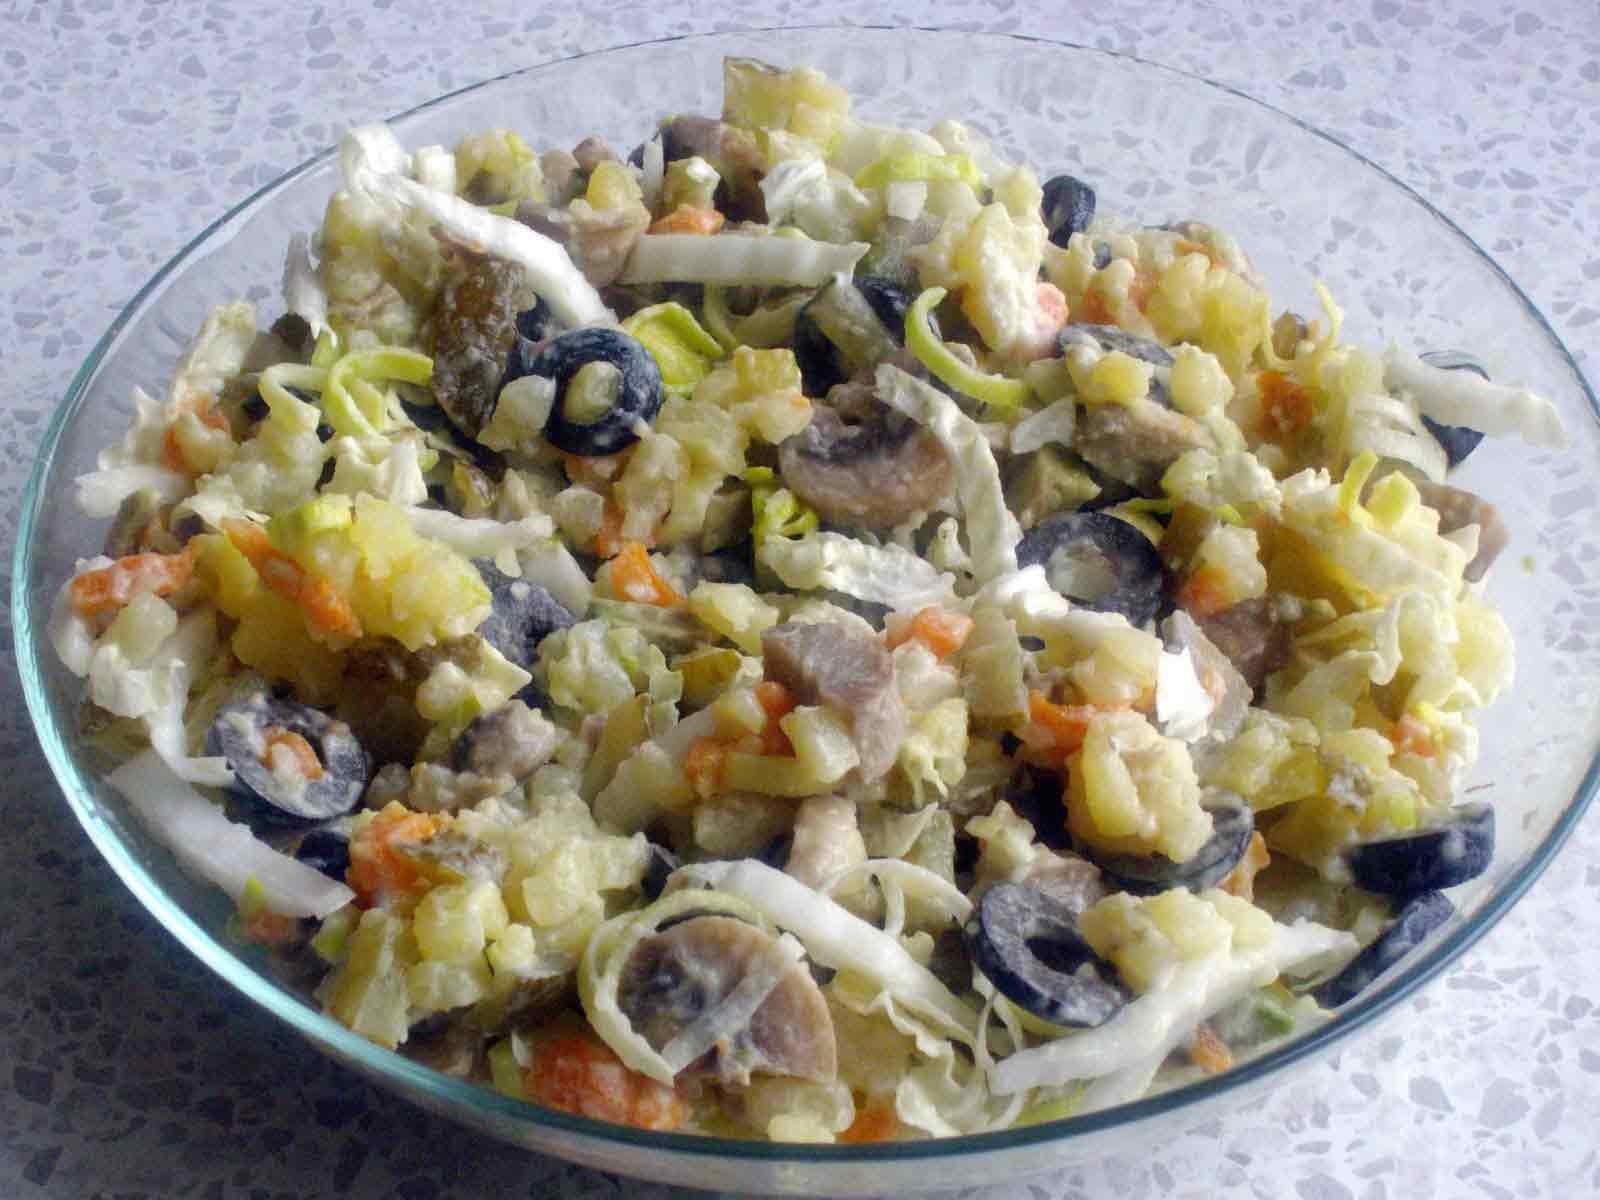 Постный салат с грибами - как разнообразить свой рацион: рецепт с фото и видео